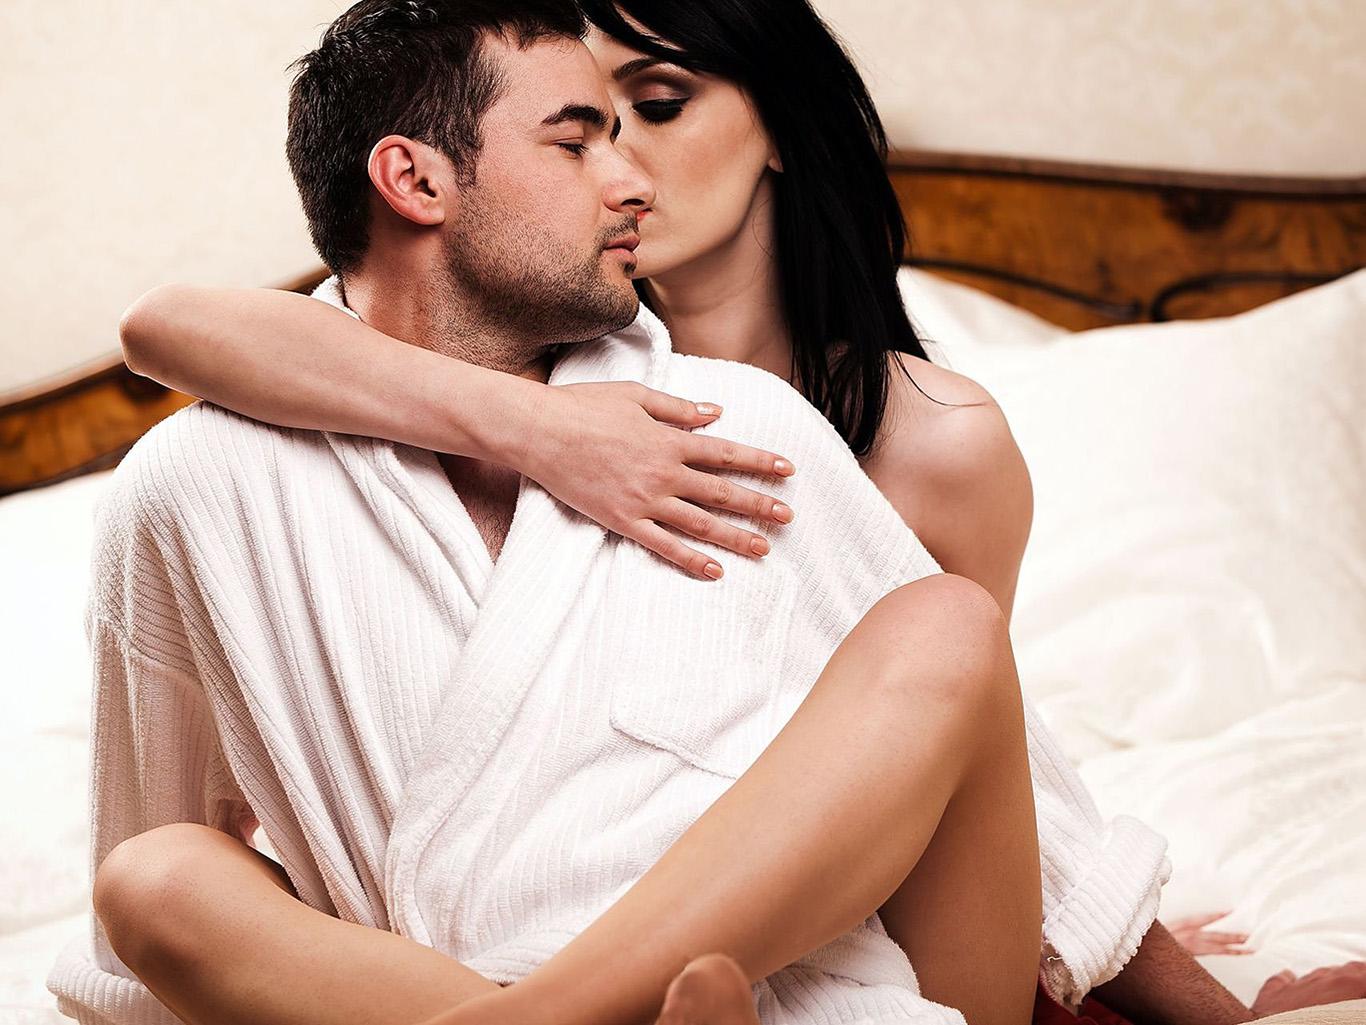 возбуждать в как кровати девушку